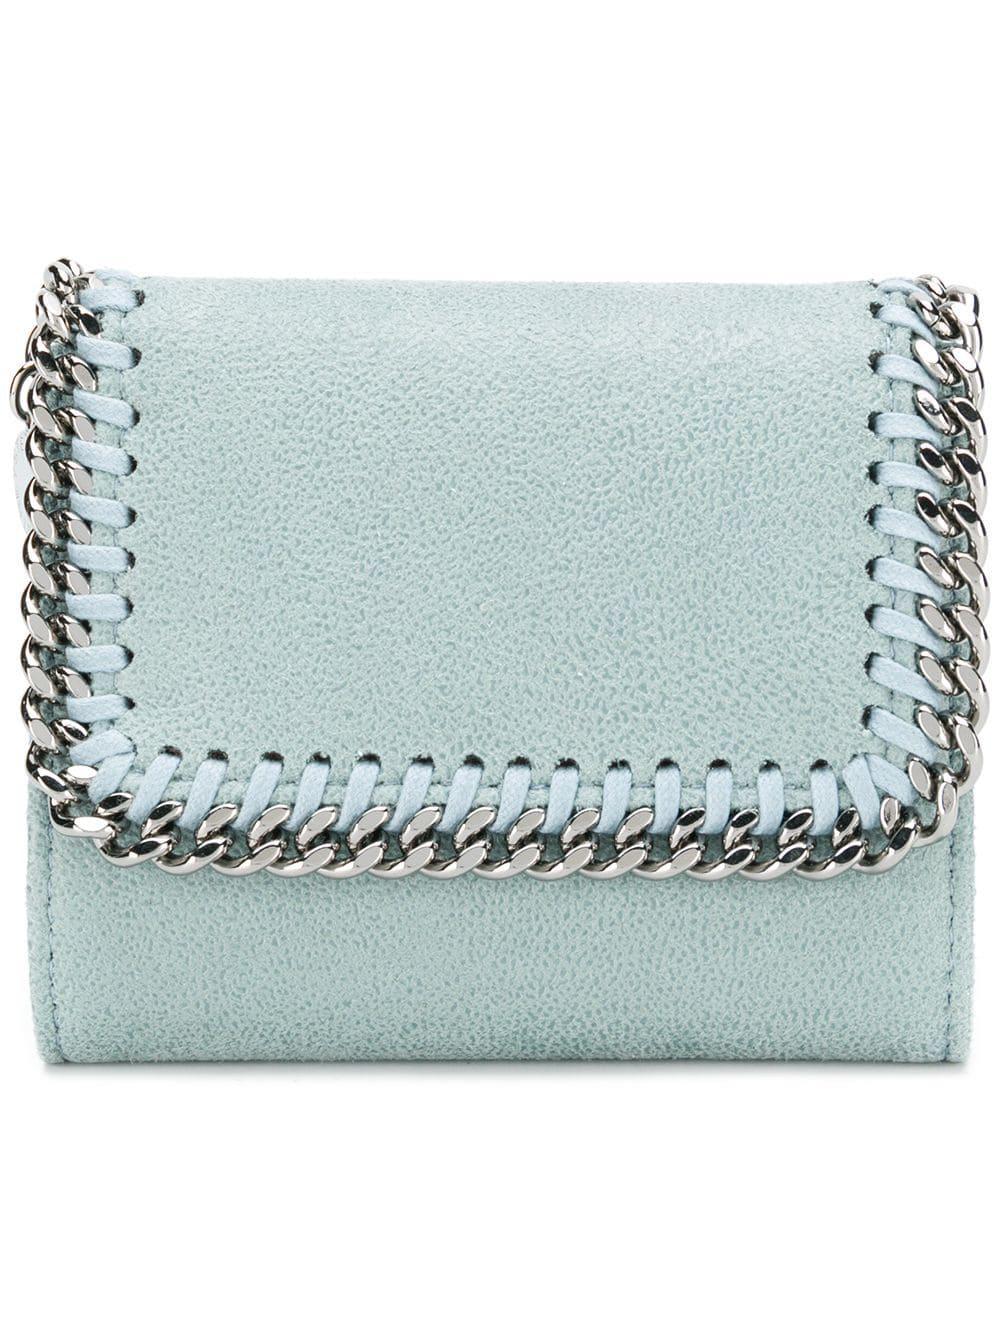 Stella Mccartney Mini Portafoglio `falabella` in Blue - Lyst 66a8cca89cc